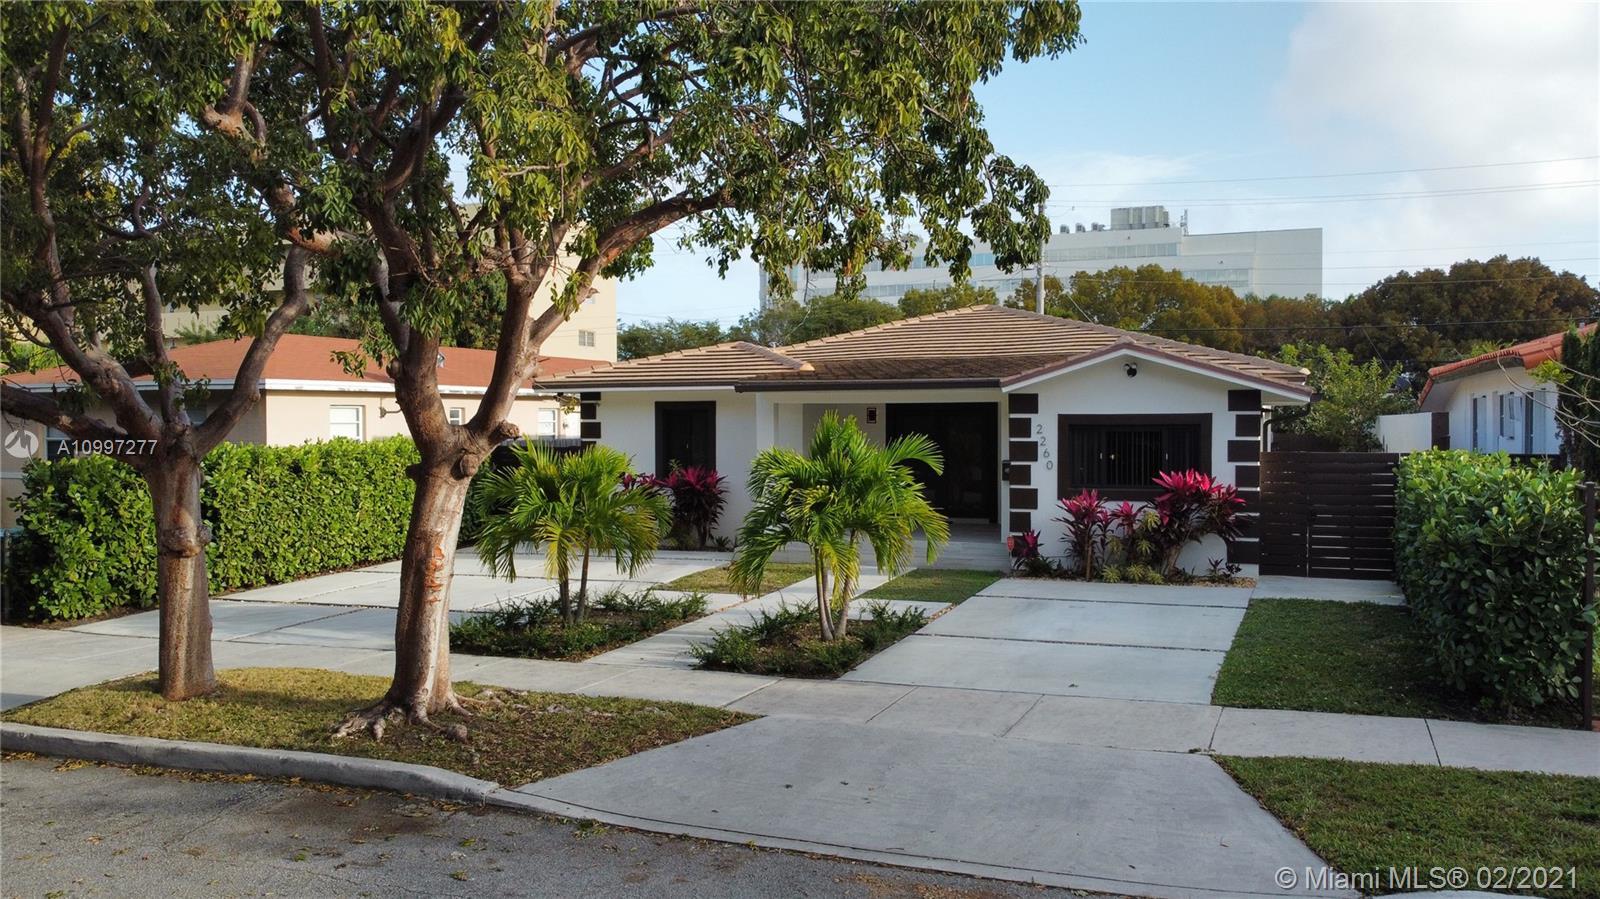 Silver Bluff - 2260 SW 26th Ln, Miami, FL 33133